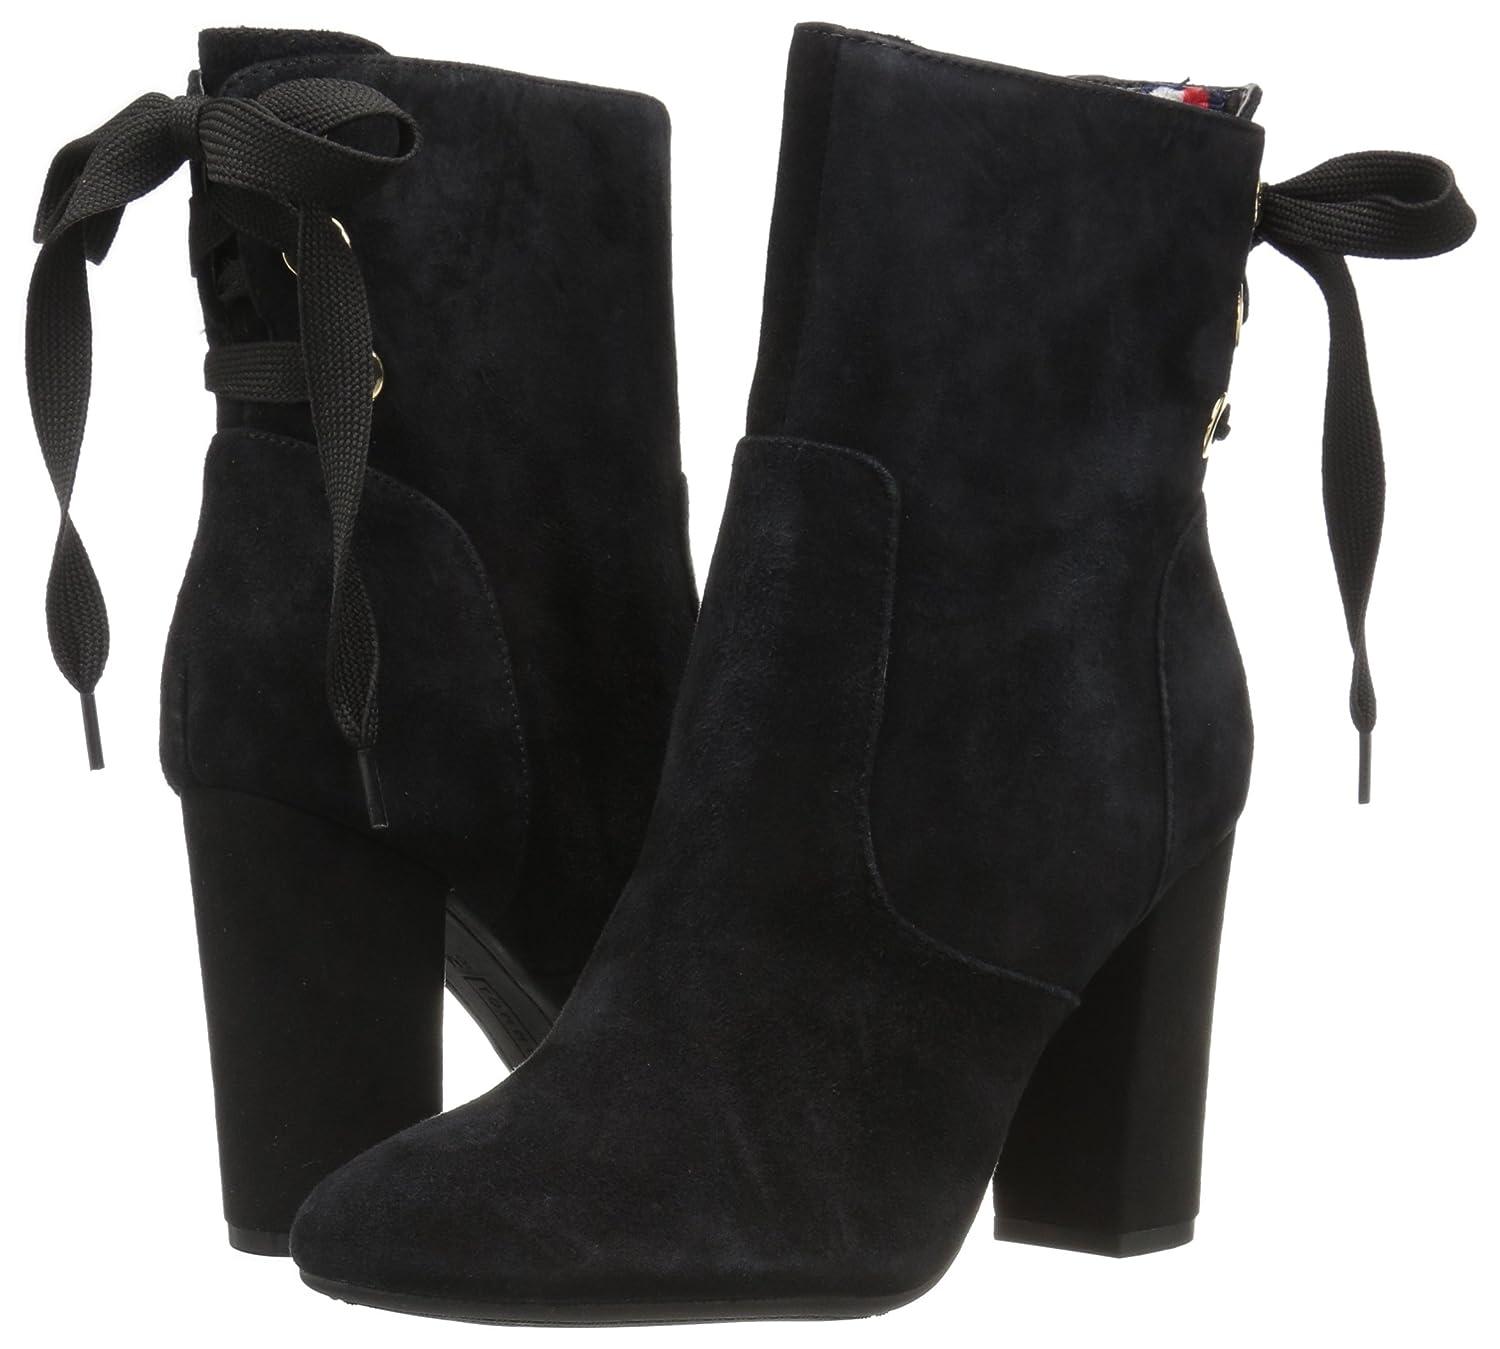 94f26172aa76 ... Tommy Hilfiger Women s Divah Fashion Fashion Fashion Boot B06Y3LRDVV 5  B(M) US